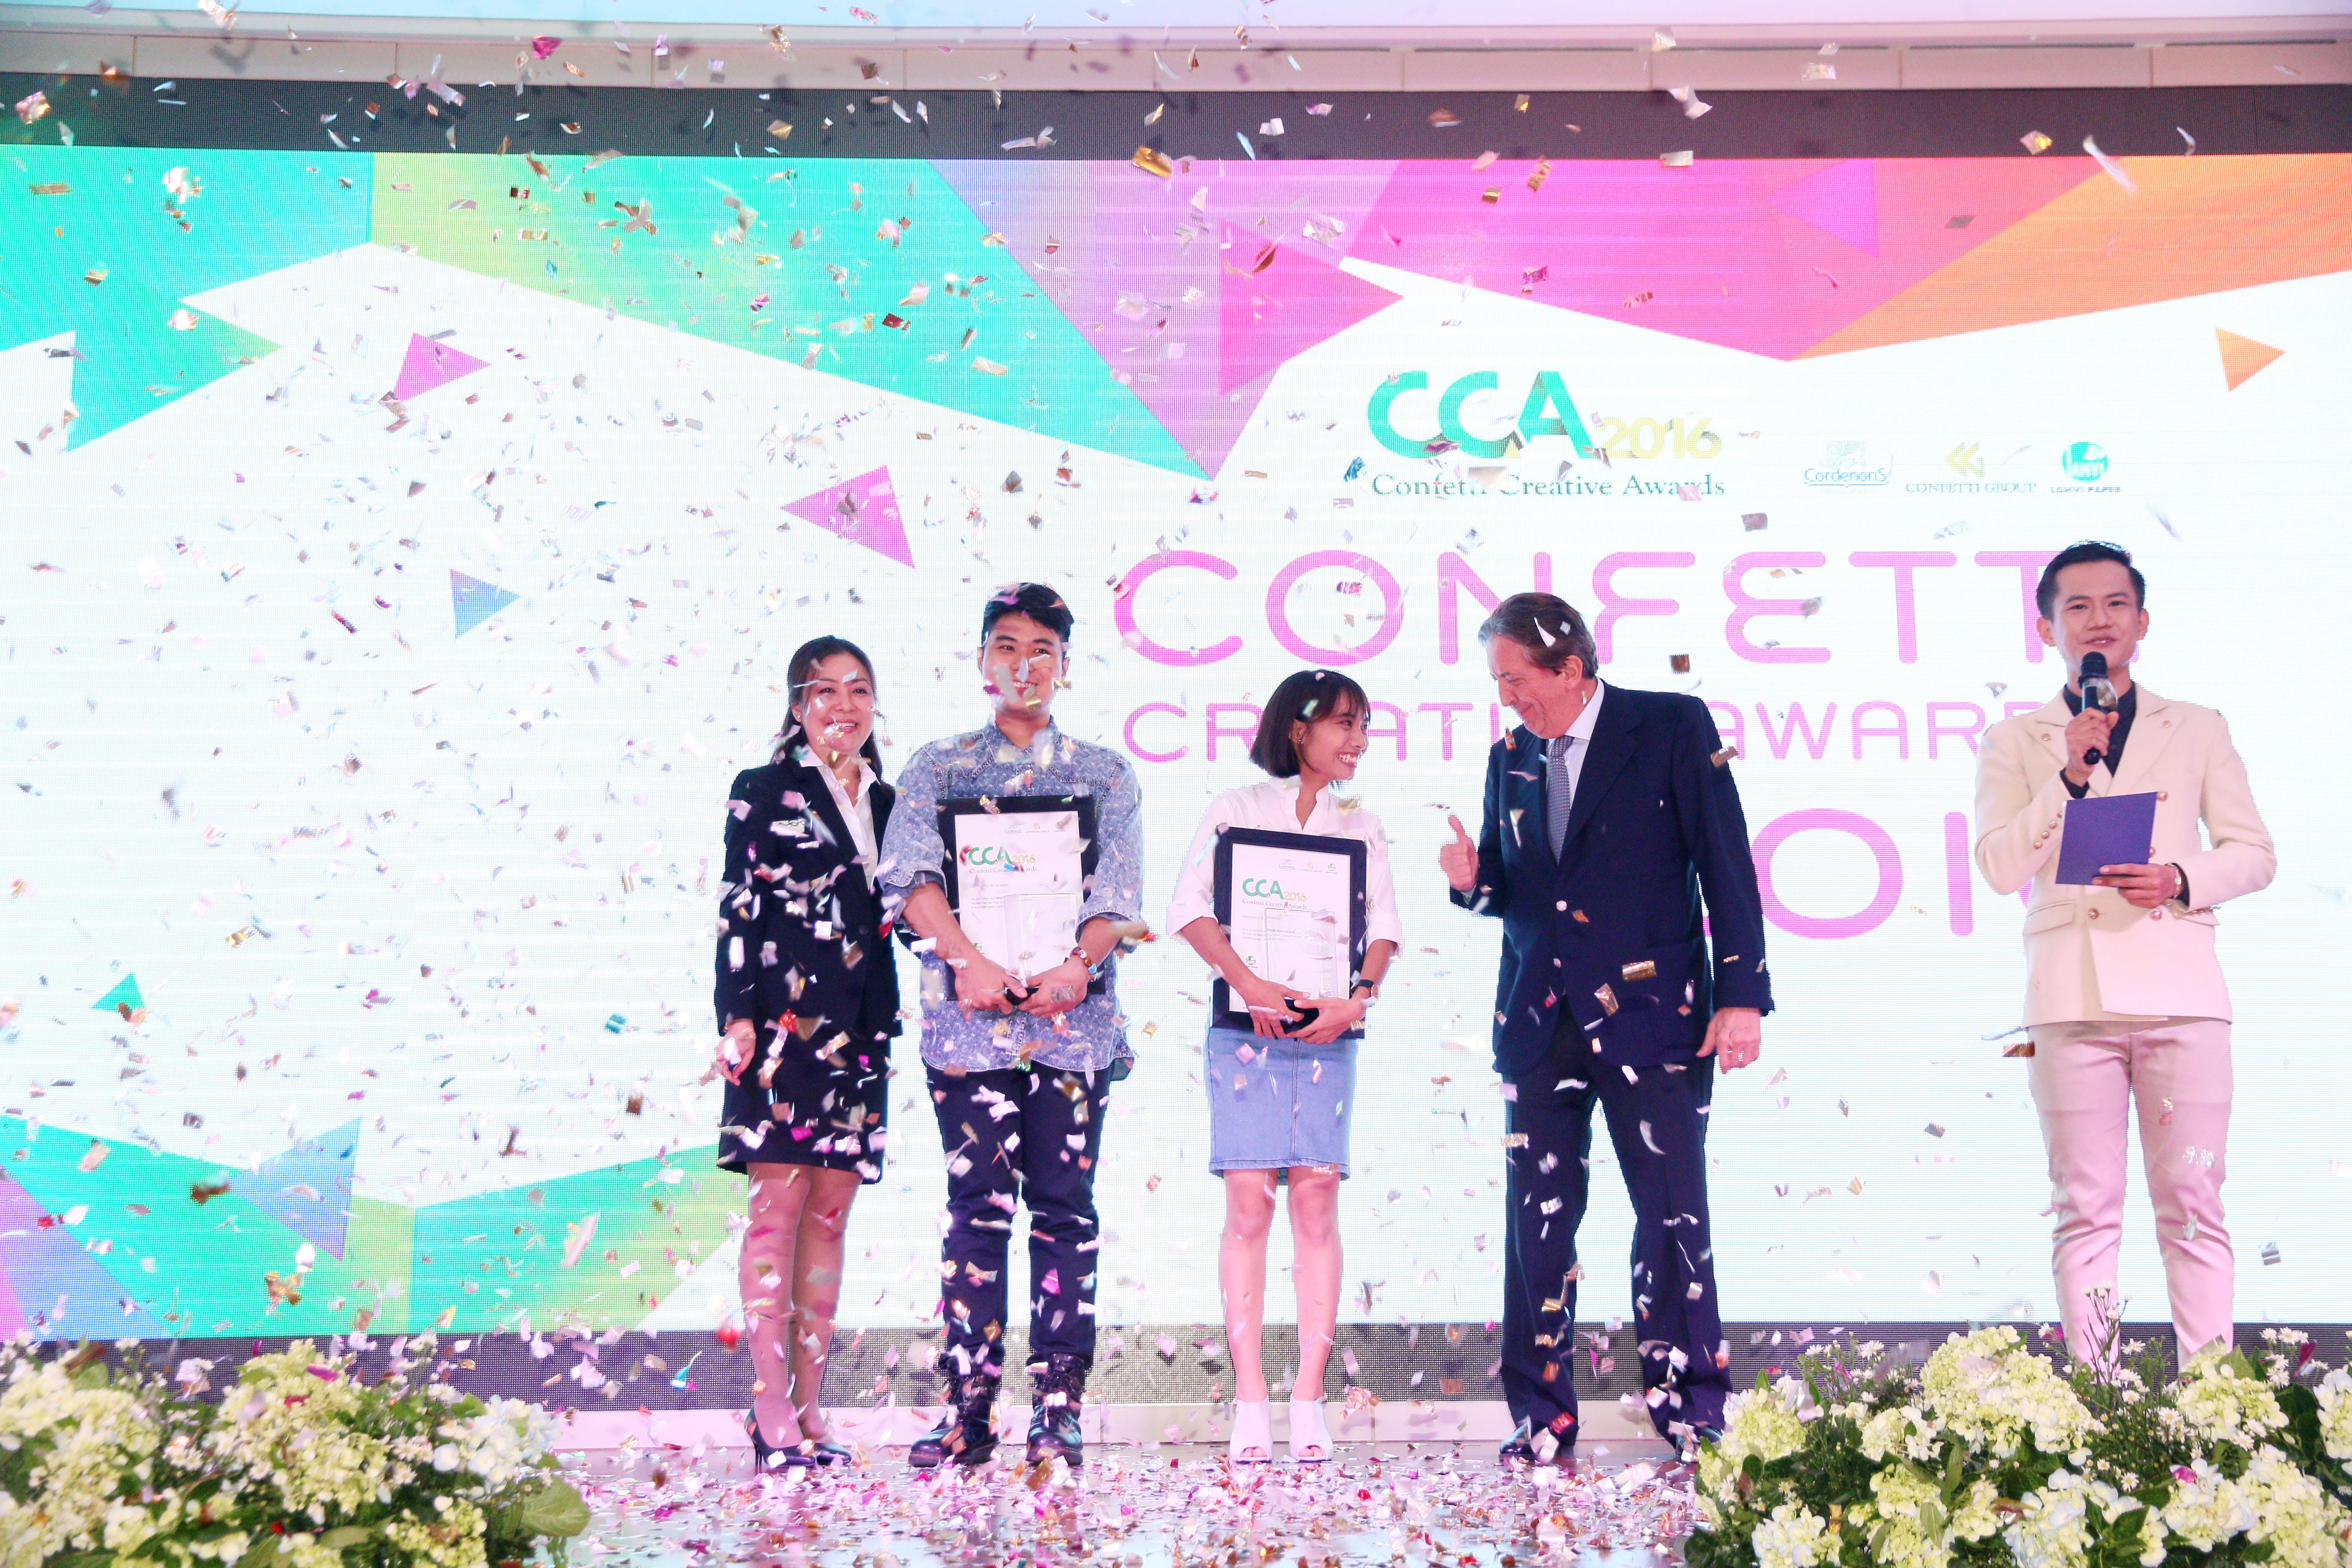 Các thí sinh đoạt giải nhất của cuộc thi thiết kế Confetti Creative Awards 2016